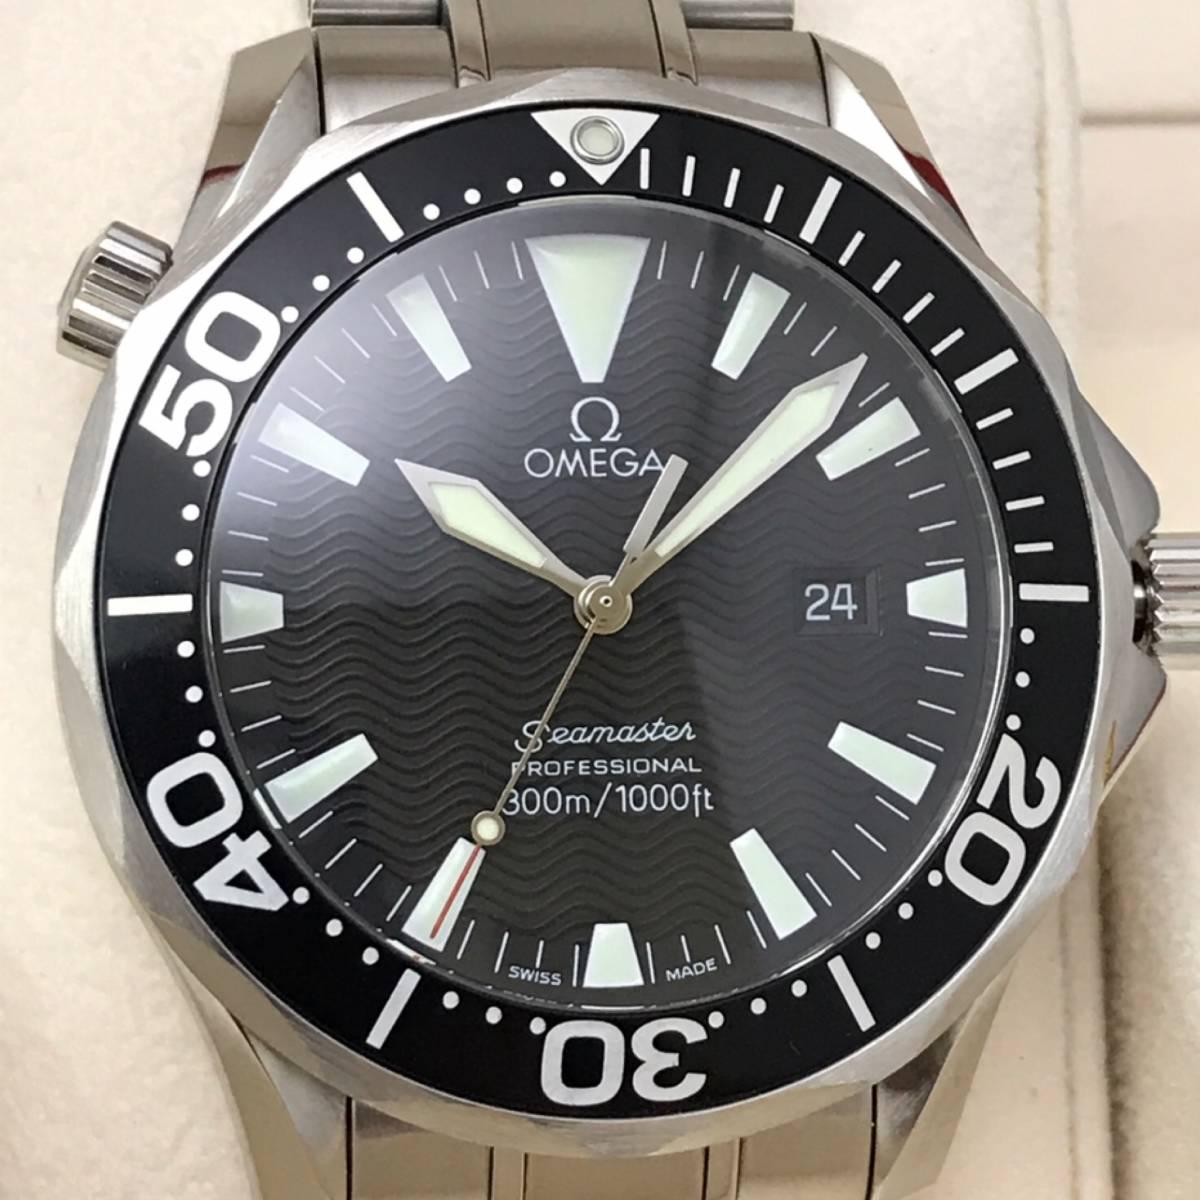 付属品、ベルト2種付き☆極美品のオメガシーマスター300mメンズ・時計ラージ41mm☆2264-5